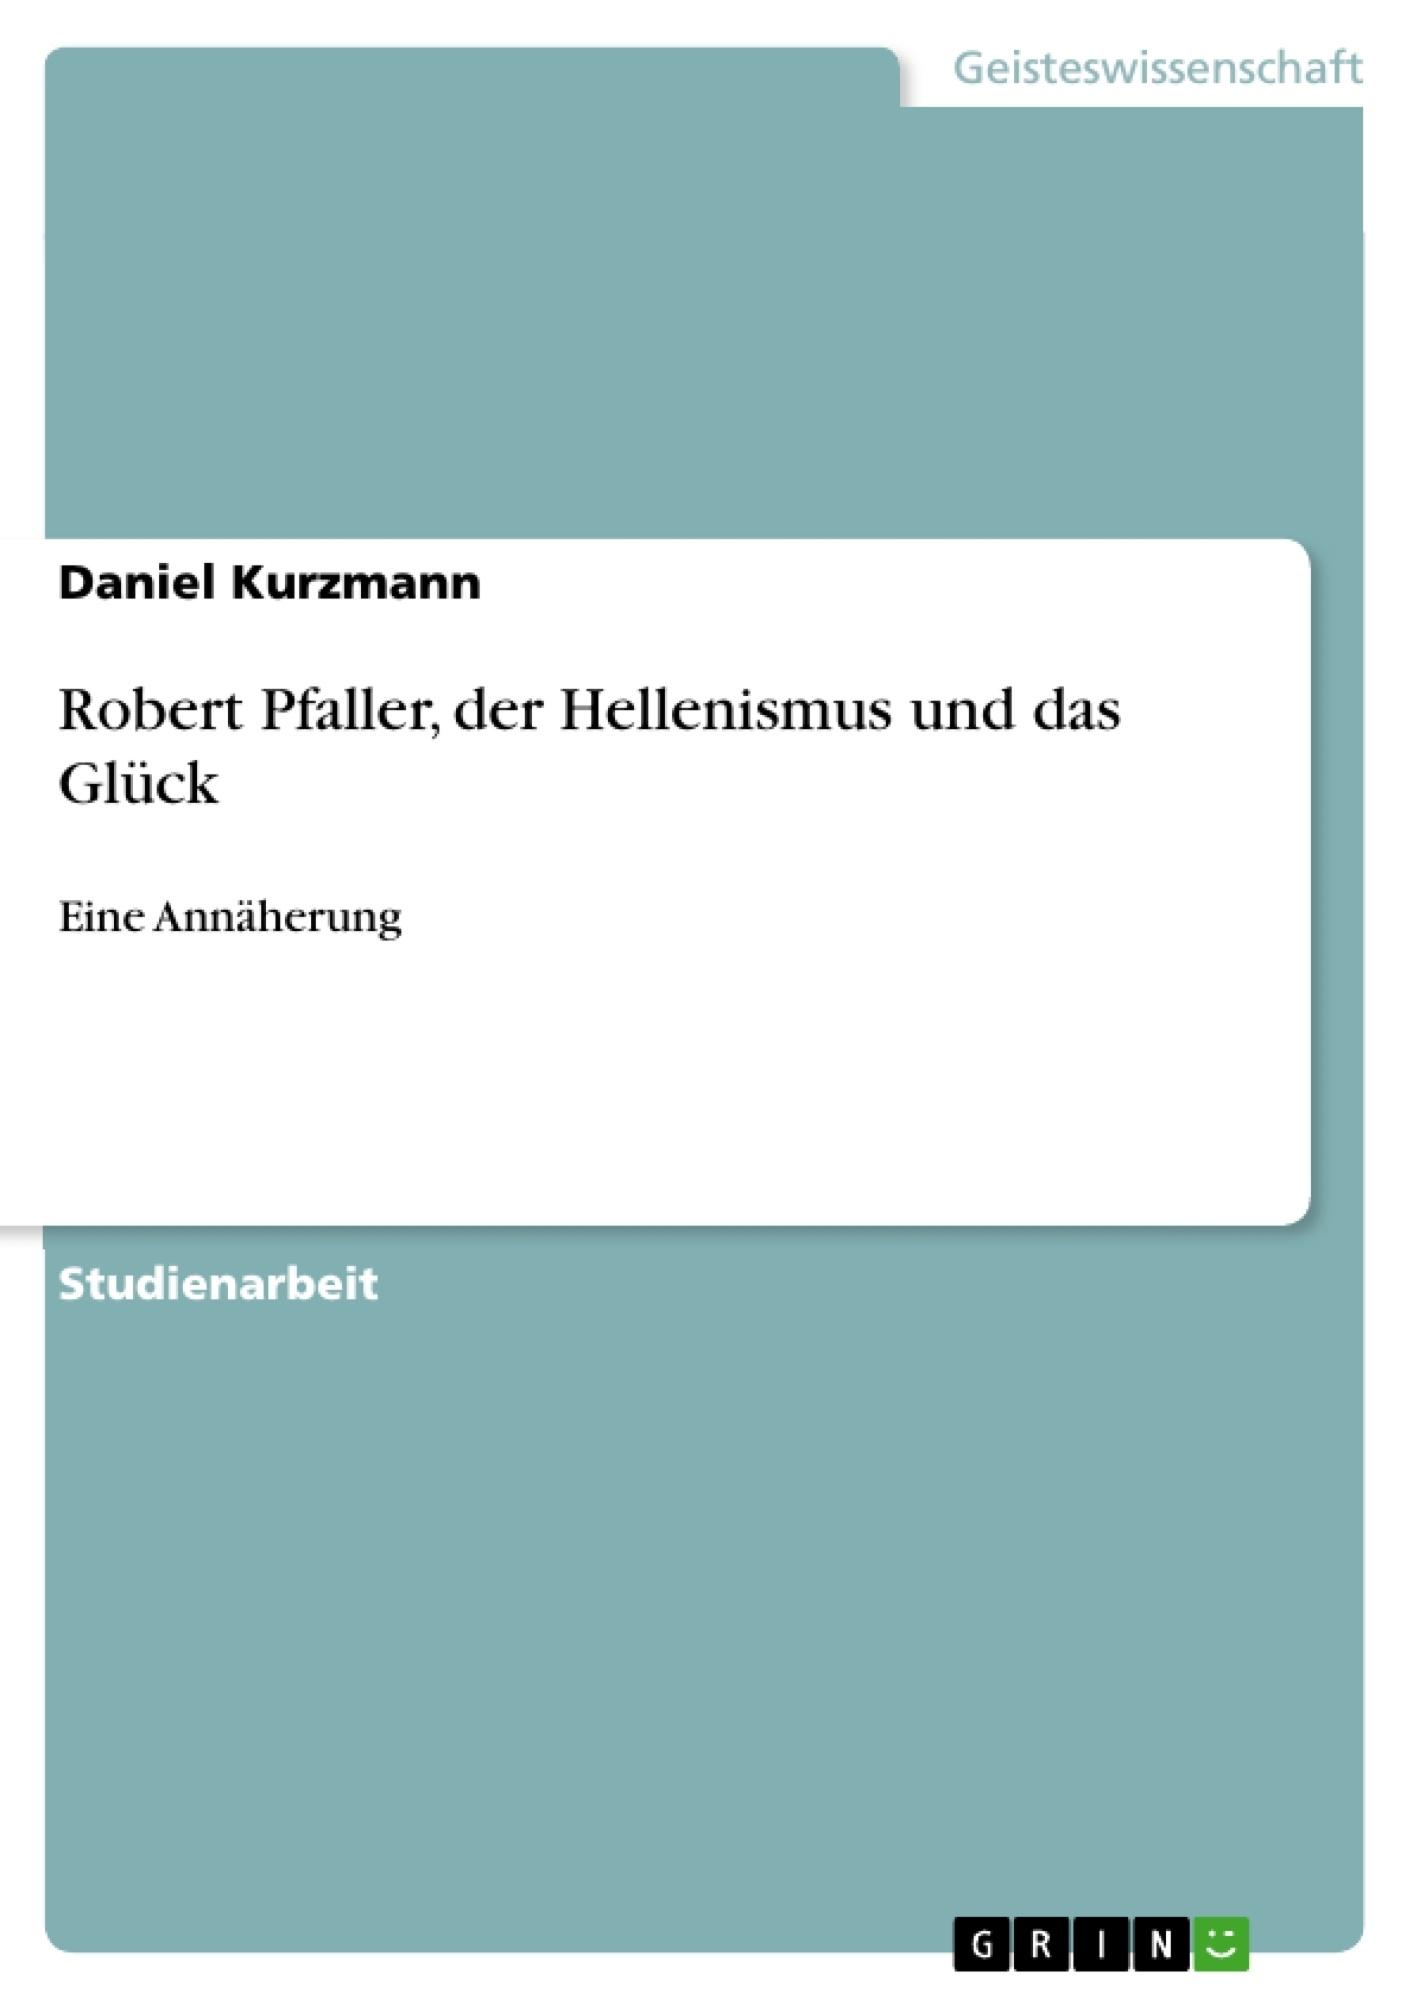 Titel: Robert Pfaller, der Hellenismus und das Glück